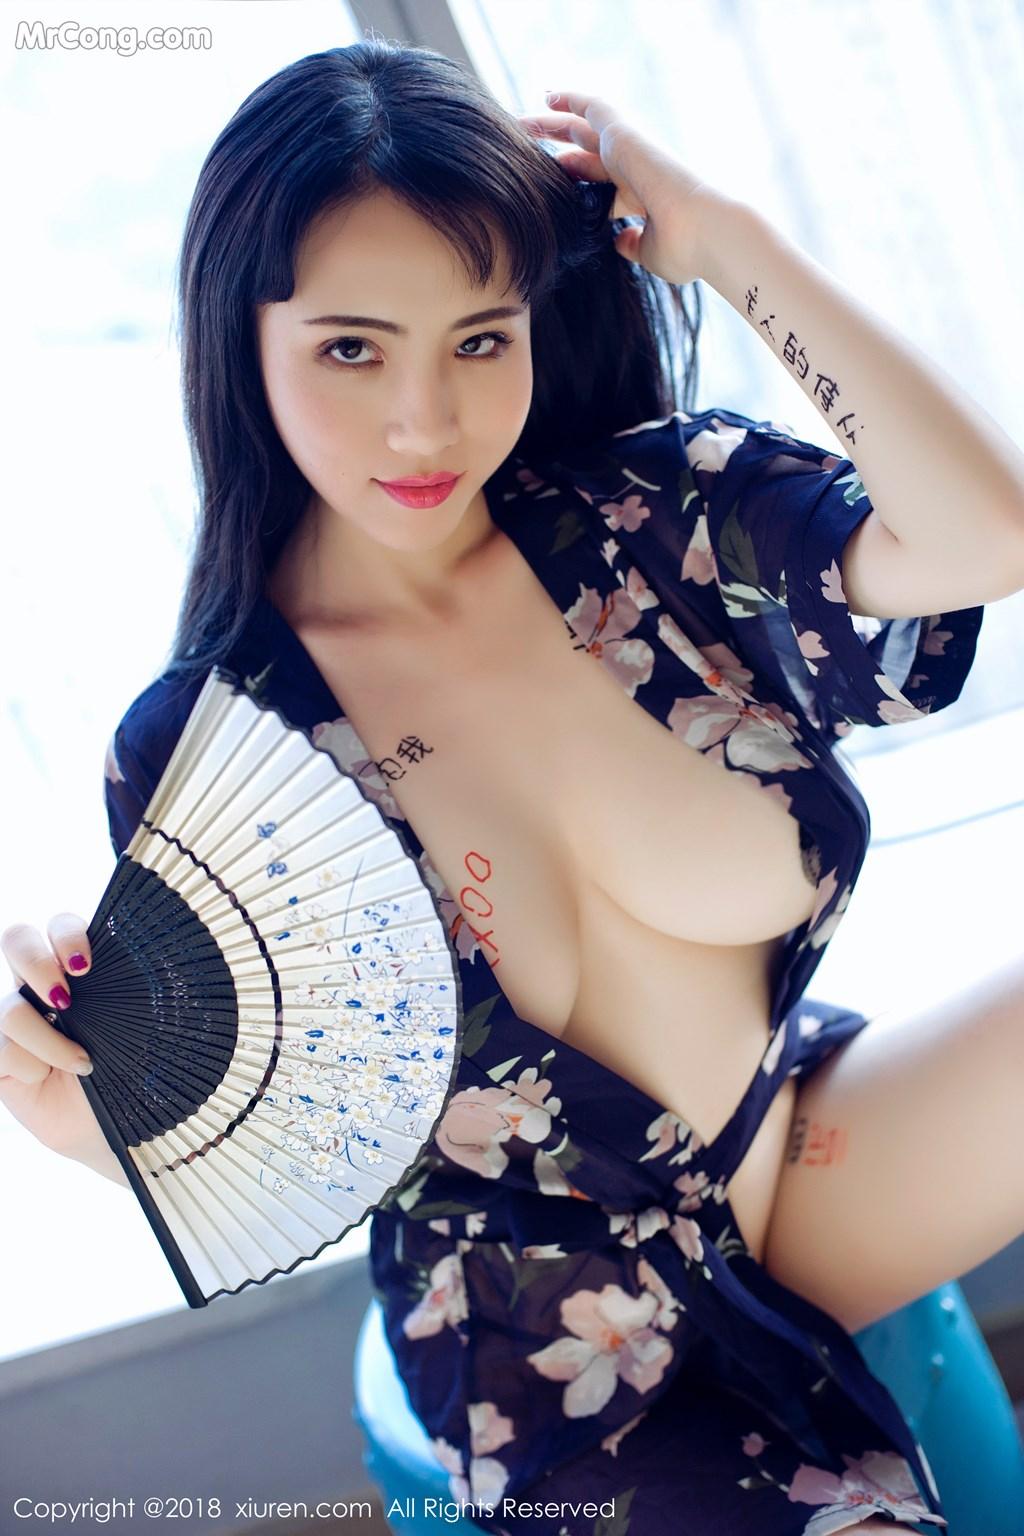 Image XIUREN-No.1151-ruirui-MrCong.com-010 in post XIUREN No.1151: Người mẫu 瑞瑞ruirui (48 ảnh)